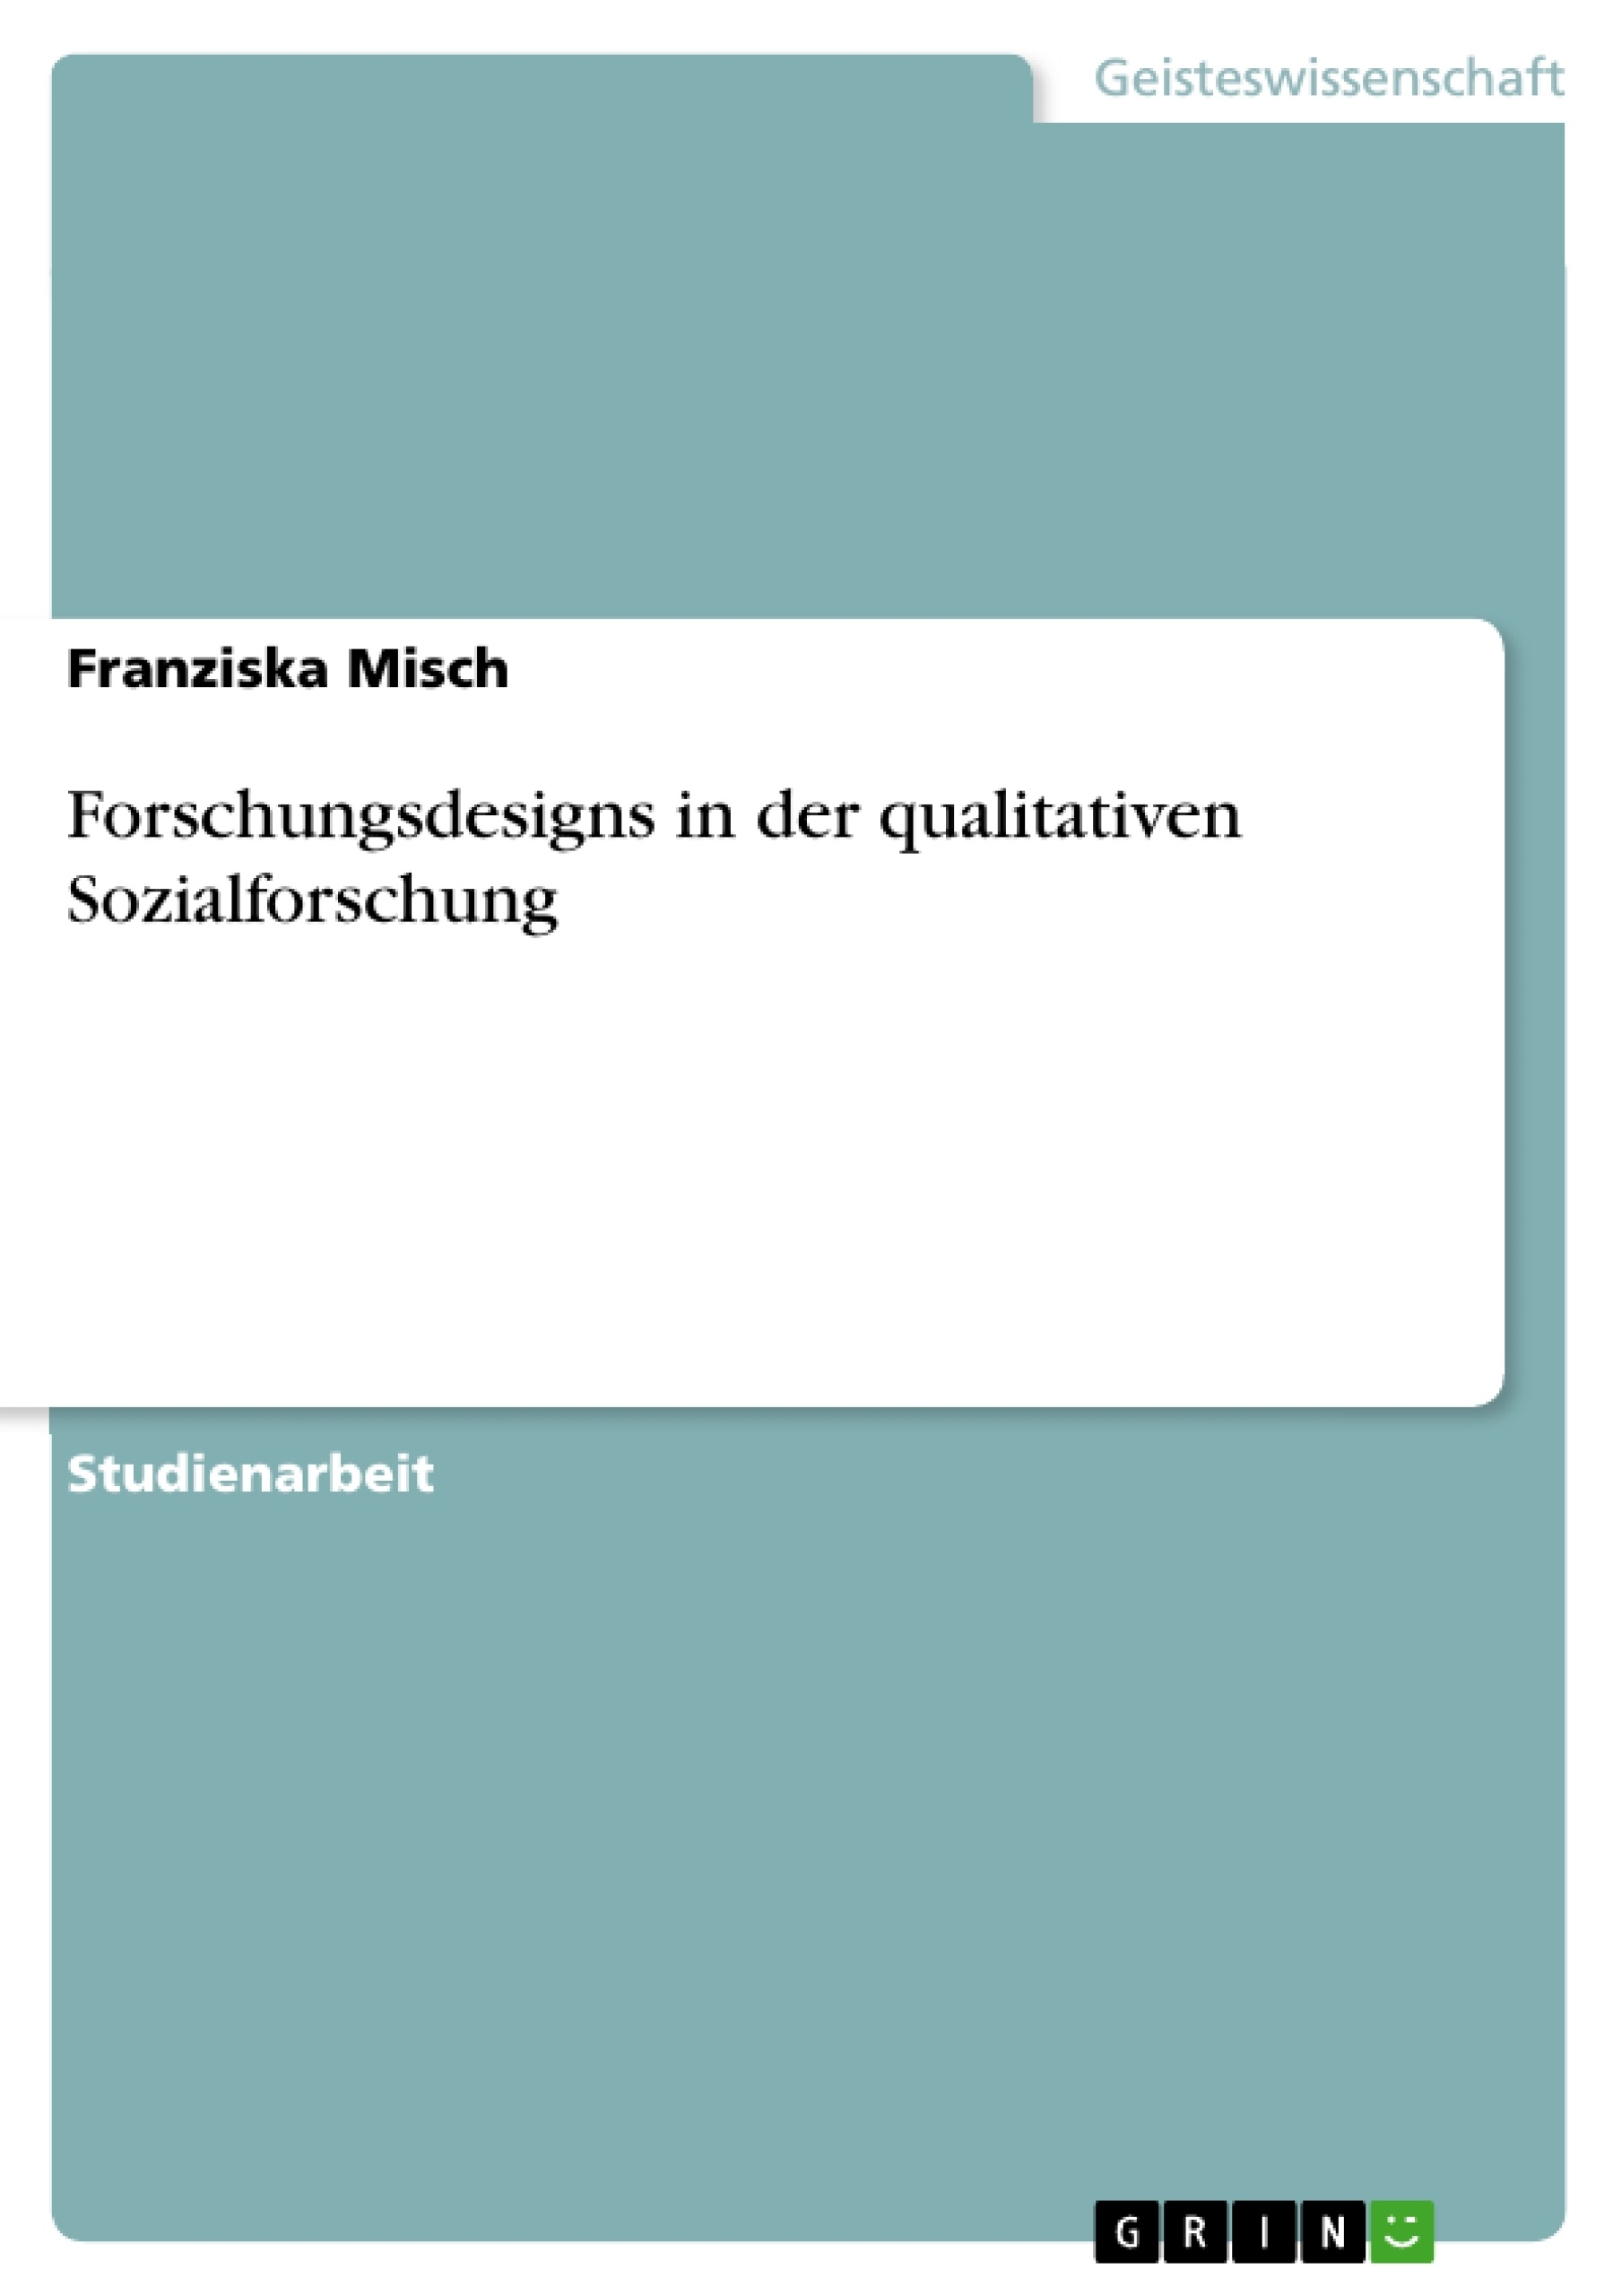 Titel: Forschungsdesigns in der qualitativen Sozialforschung